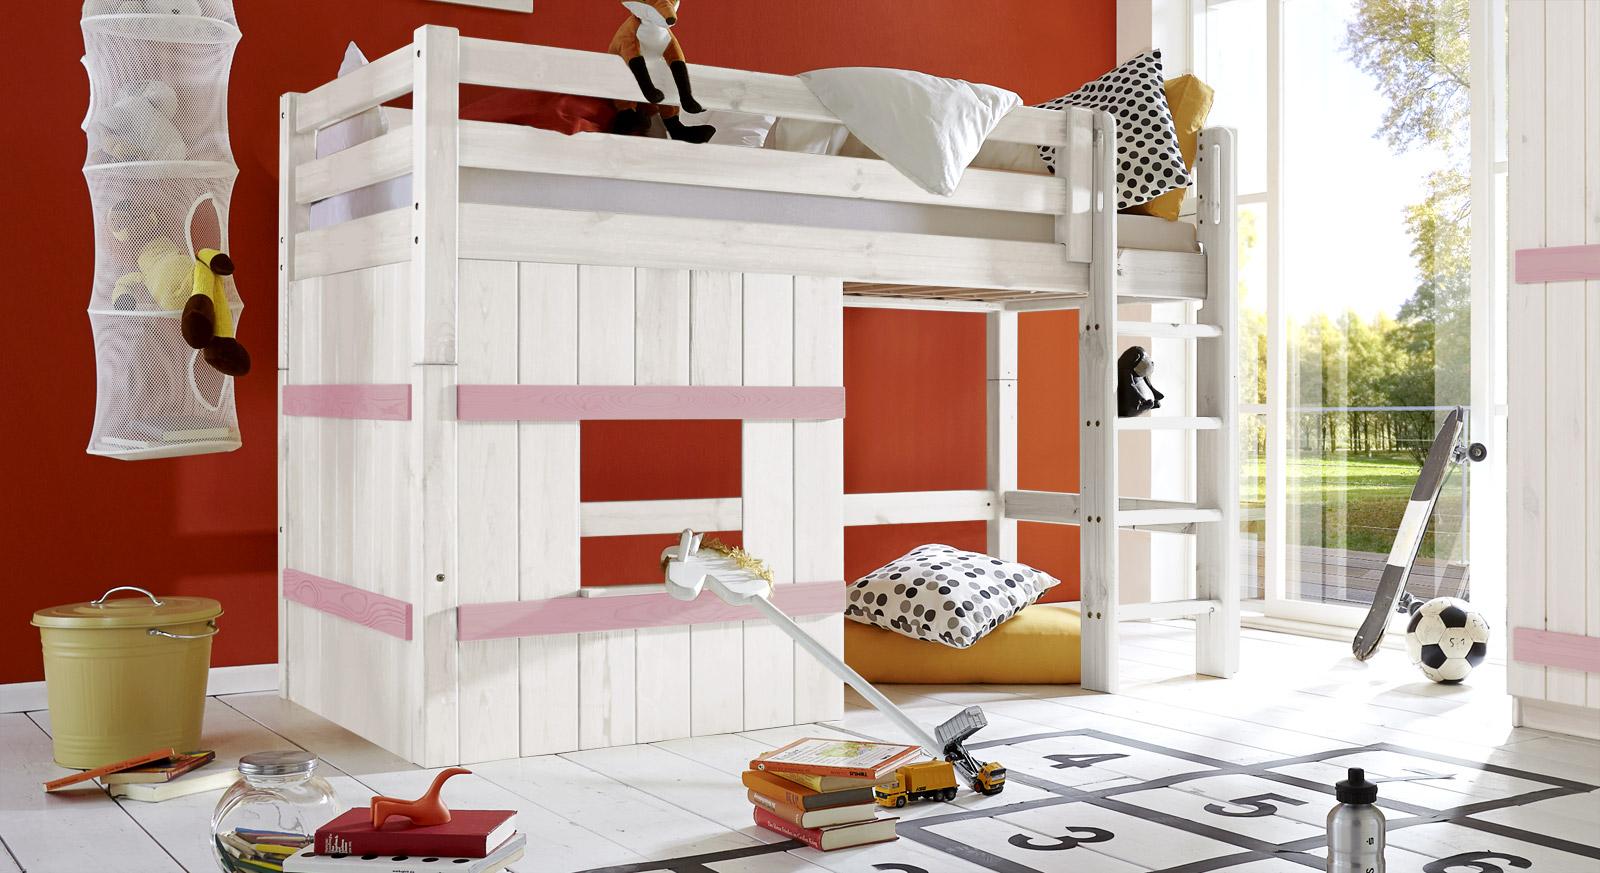 Hütten-Hochbett Kids Paradise Basic in 140cm Höhe in Weiß/Flieder mit gerader Leiter